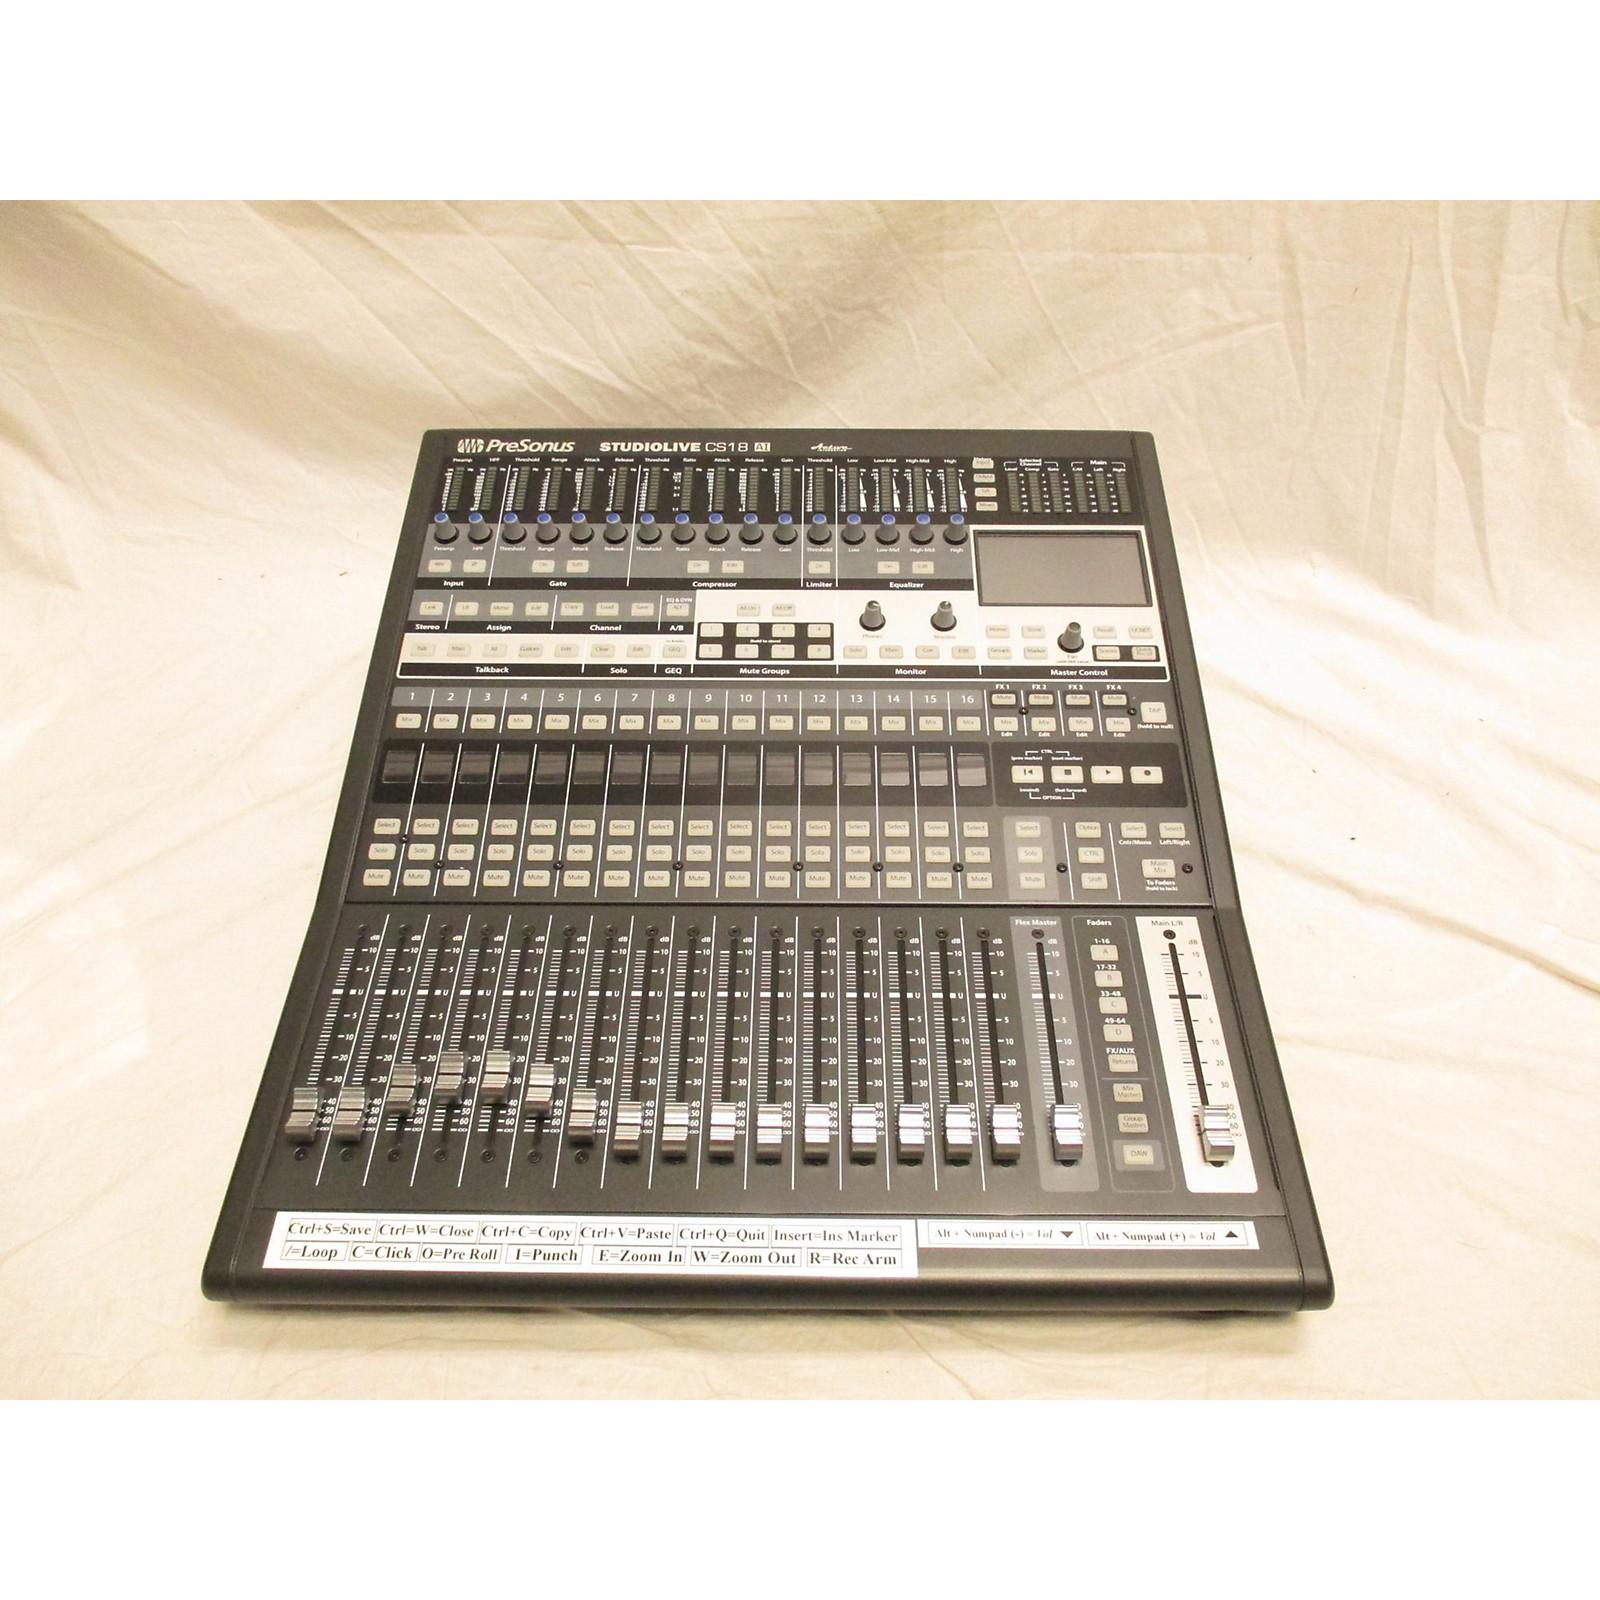 Presonus Studio Live CS18AI Digital Mixer